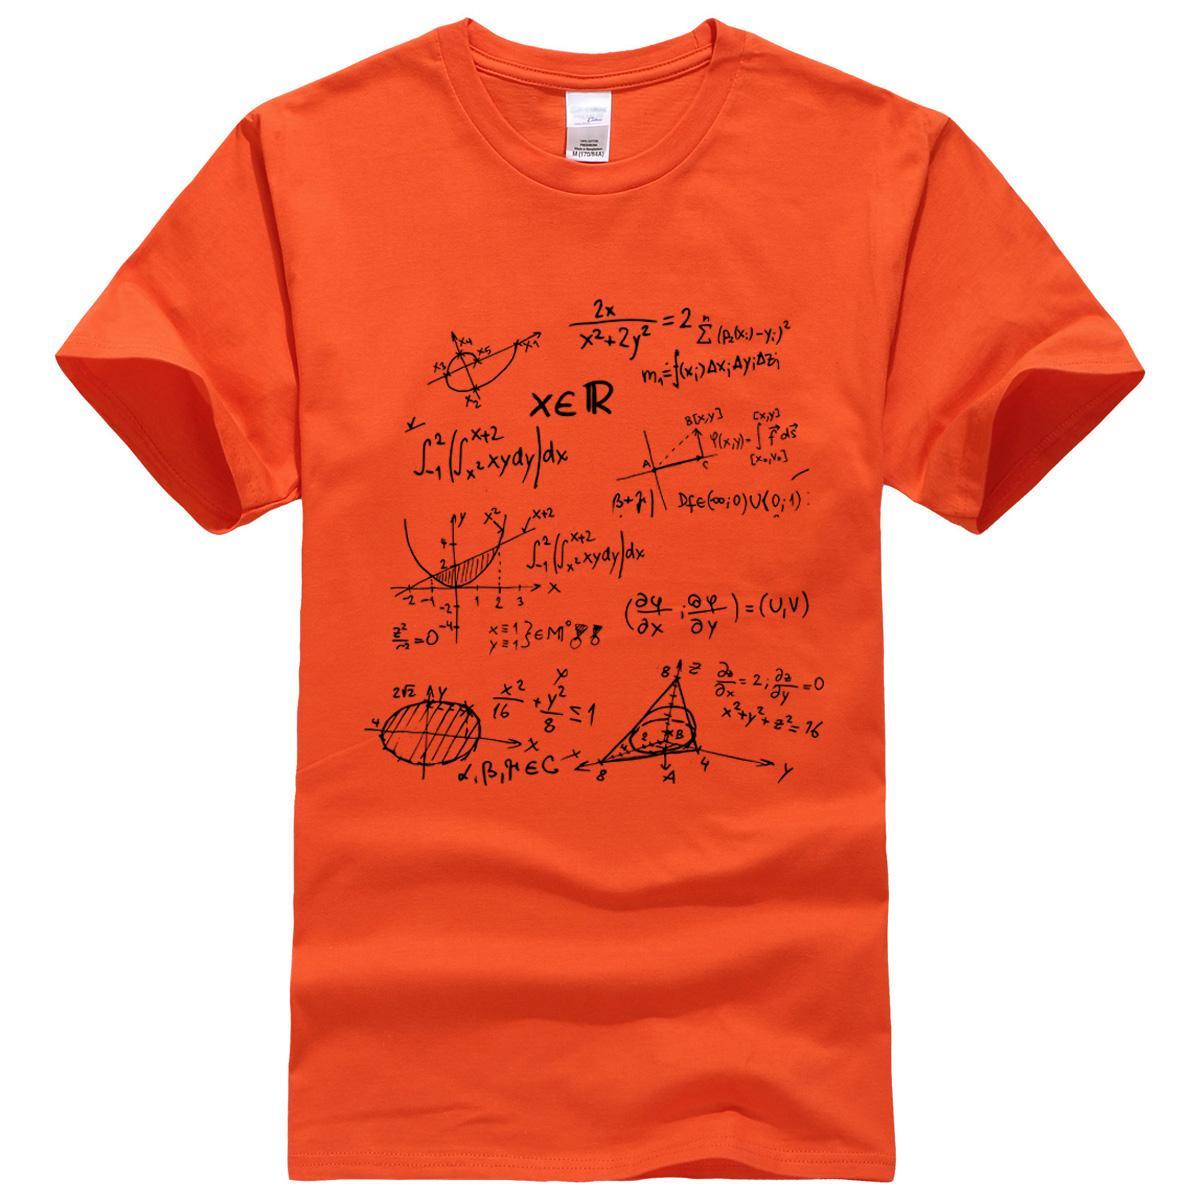 T-shirt 2019 Verão Matemática Fórmula Masculina T-Shirts A Teoria do Big Bang Camiseta Homens Marca-Roupas Top Tees Algodão